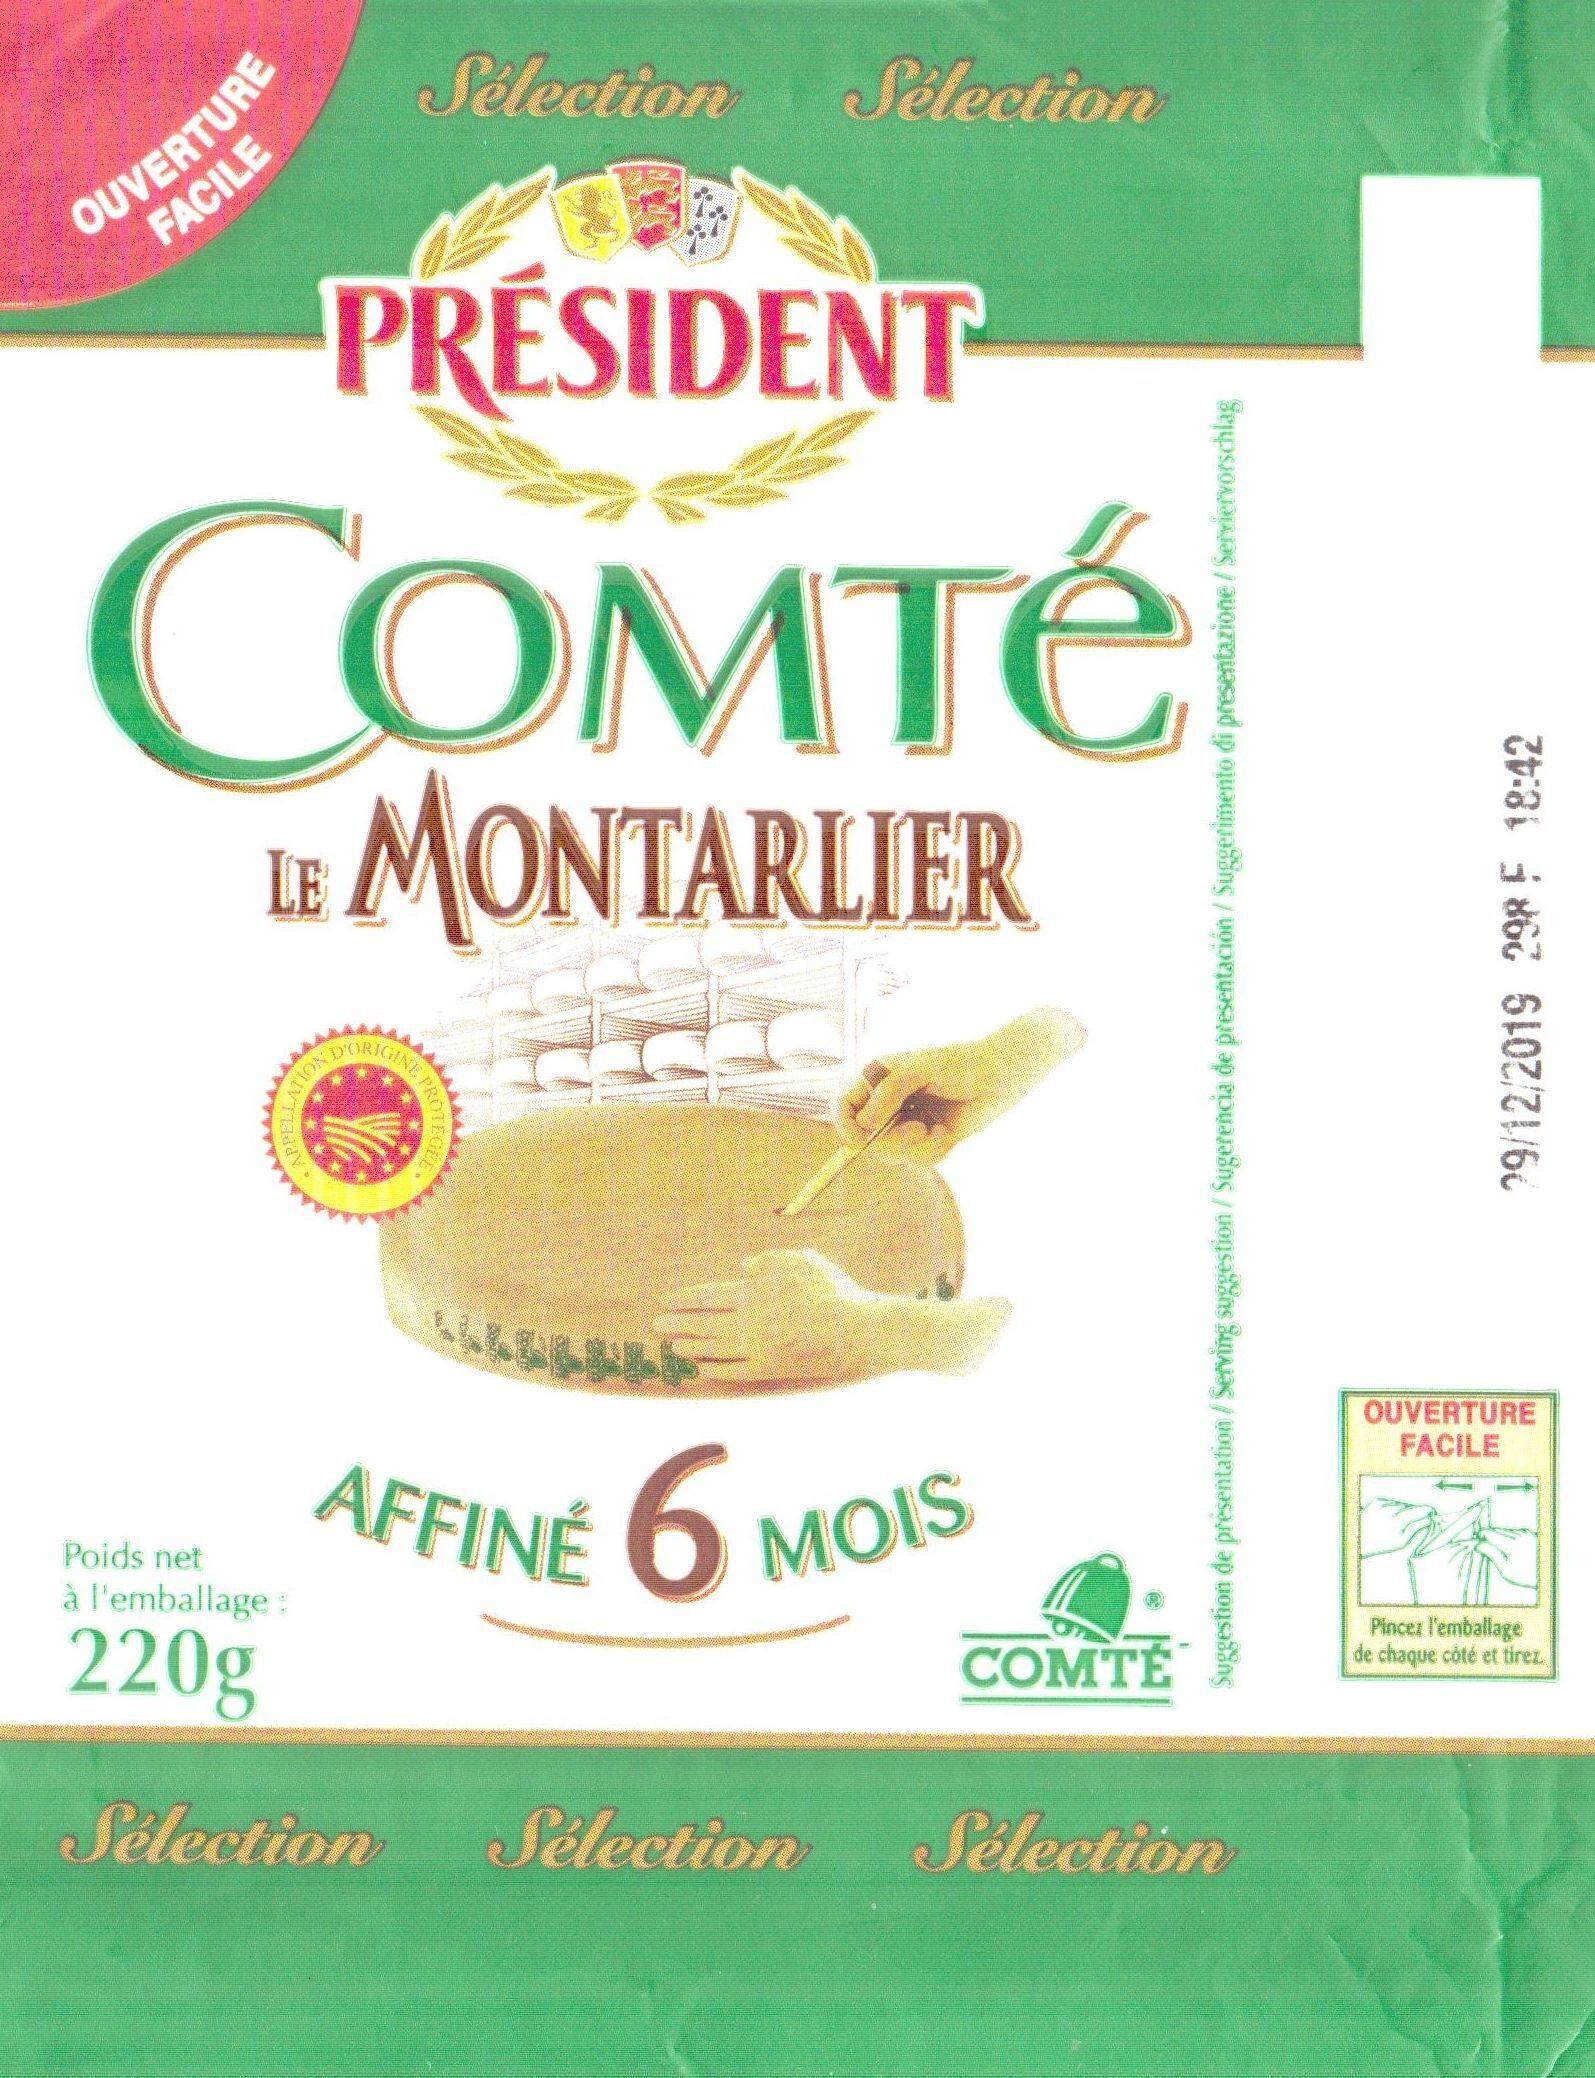 Comté Le Montarlier - Product - fr